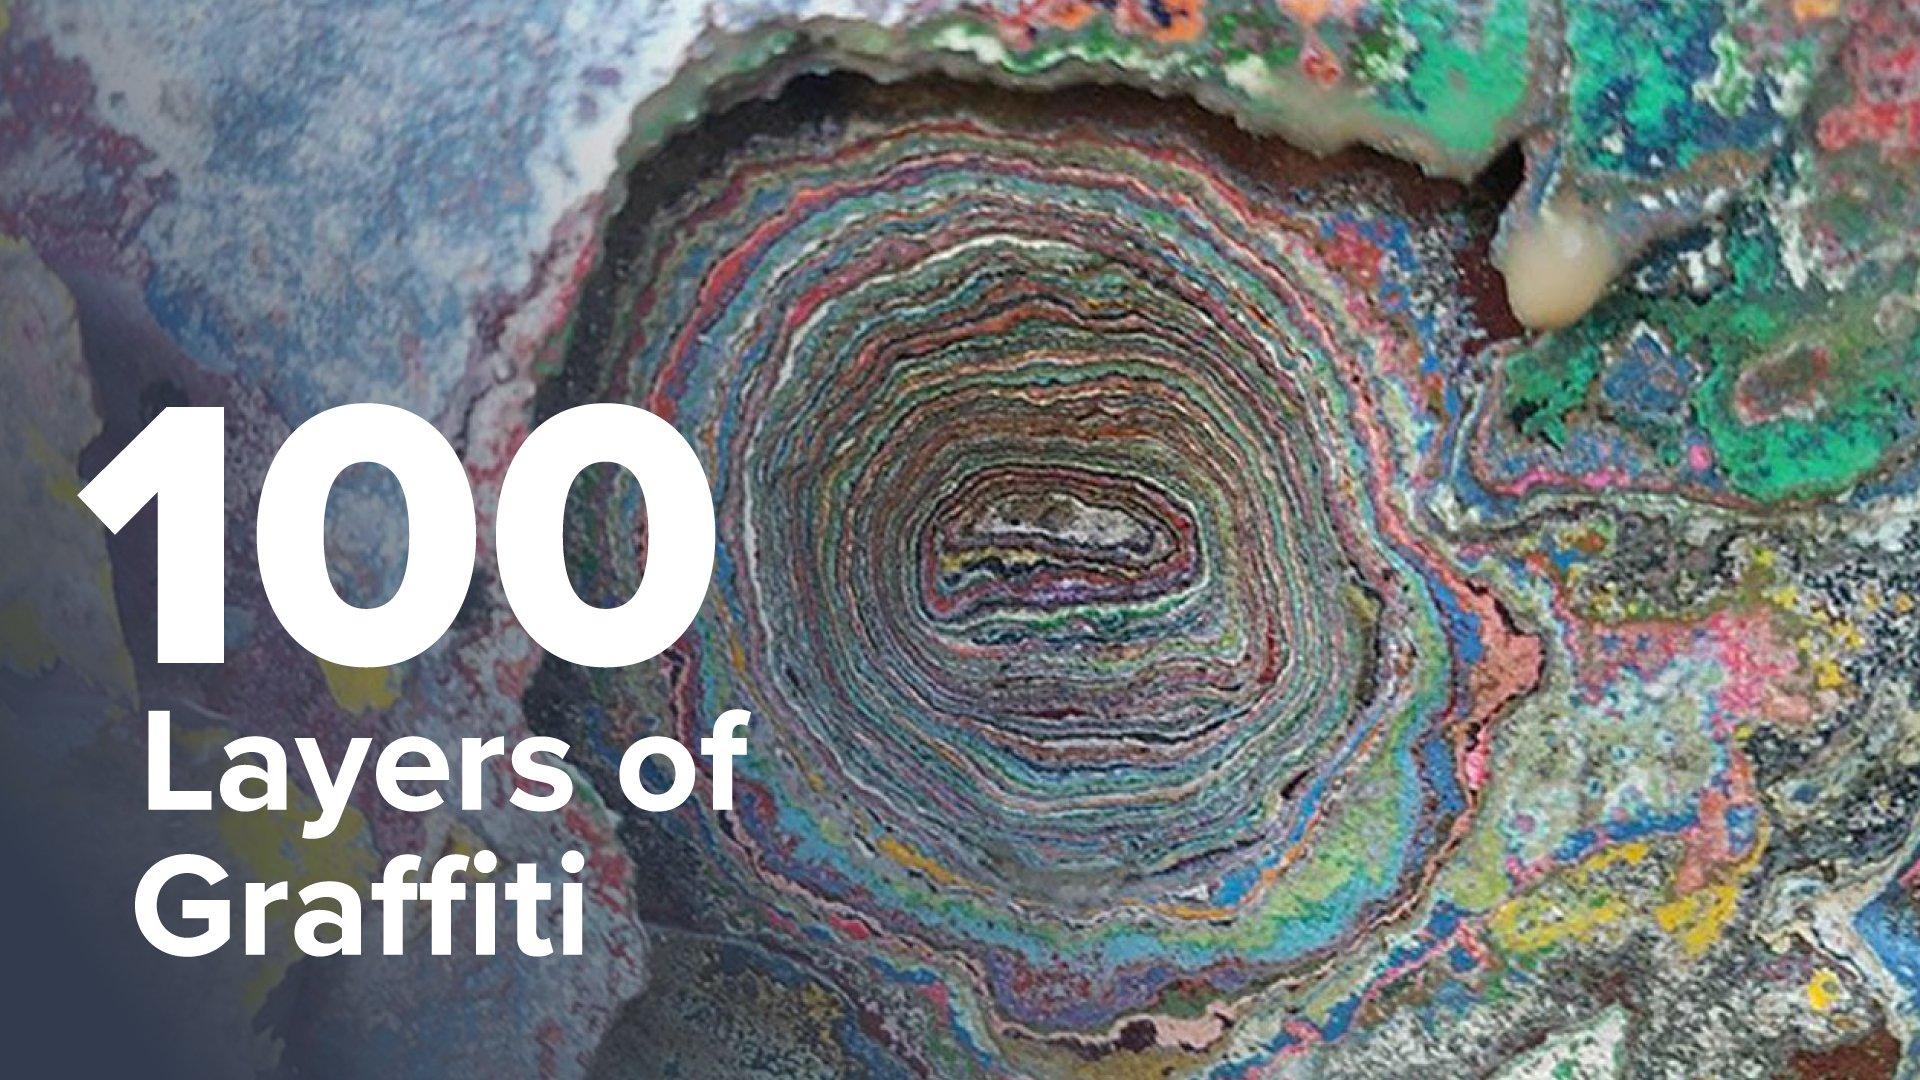 100 Layers of Graffiti